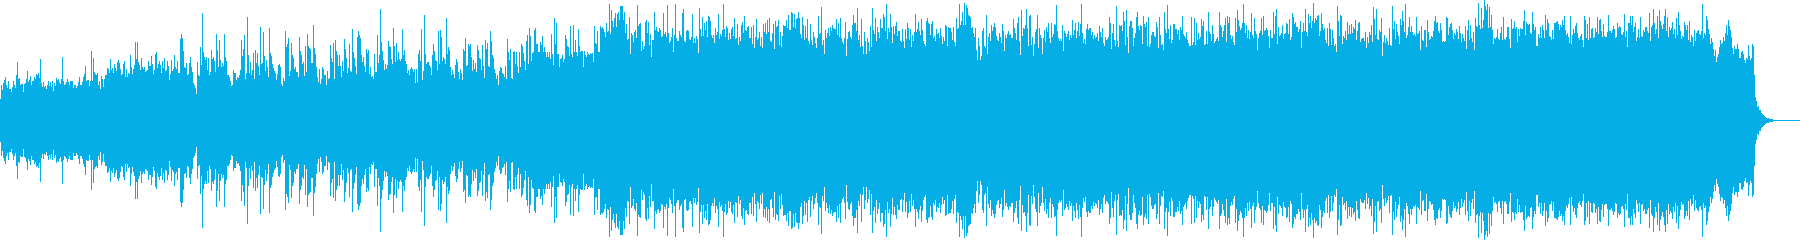 感動 壮大 ポップ オーケストラ の再生済みの波形